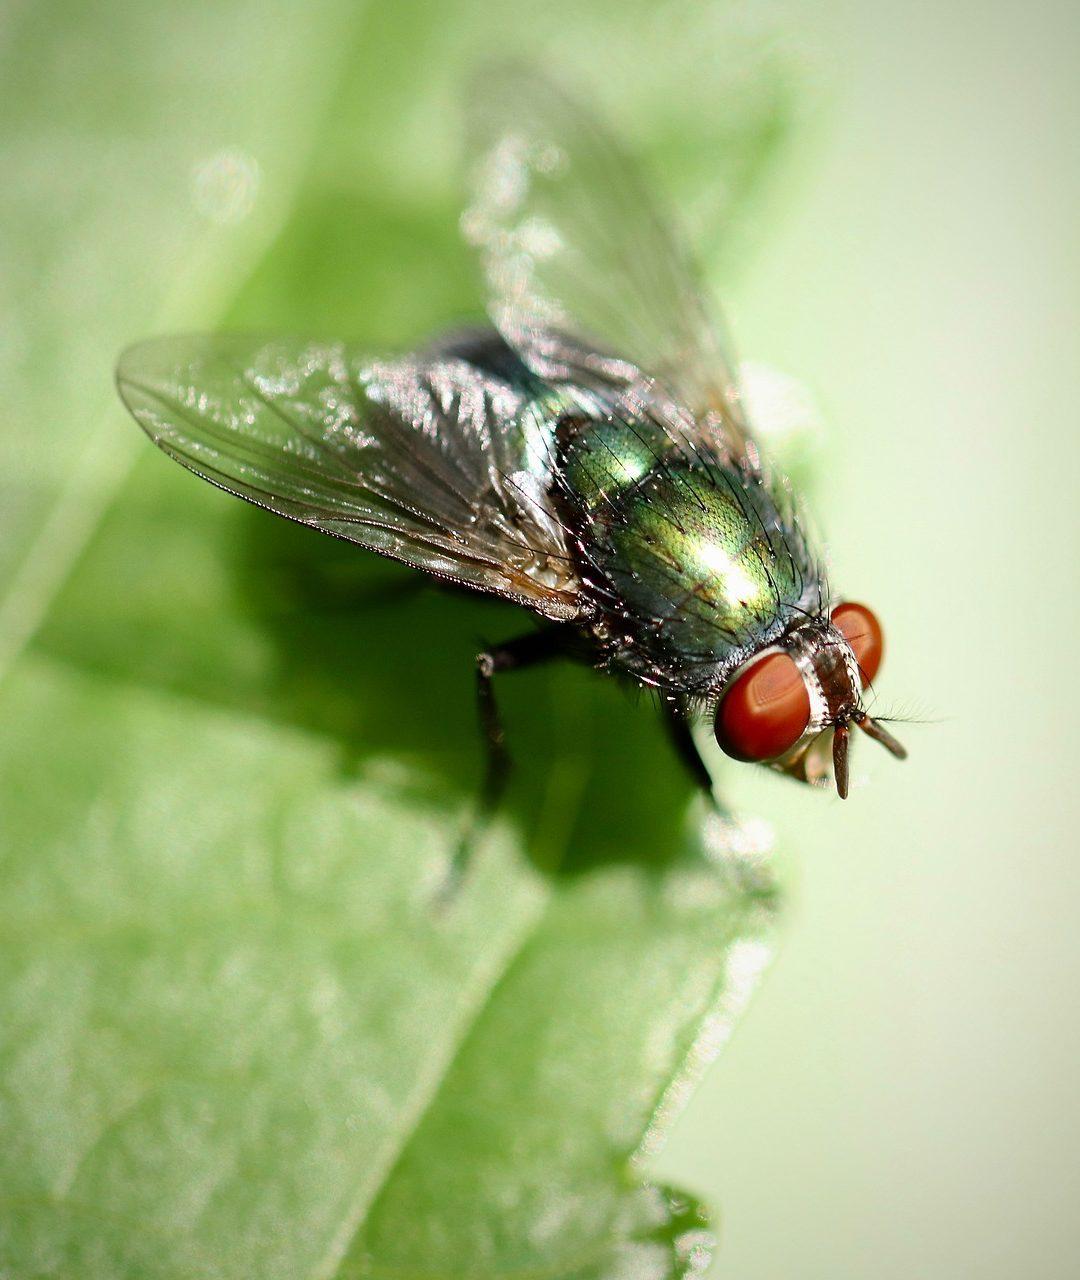 Conséquence de la canicule : une invasion de dangereuses mouches Musca Ad Crepitum est attendue en France